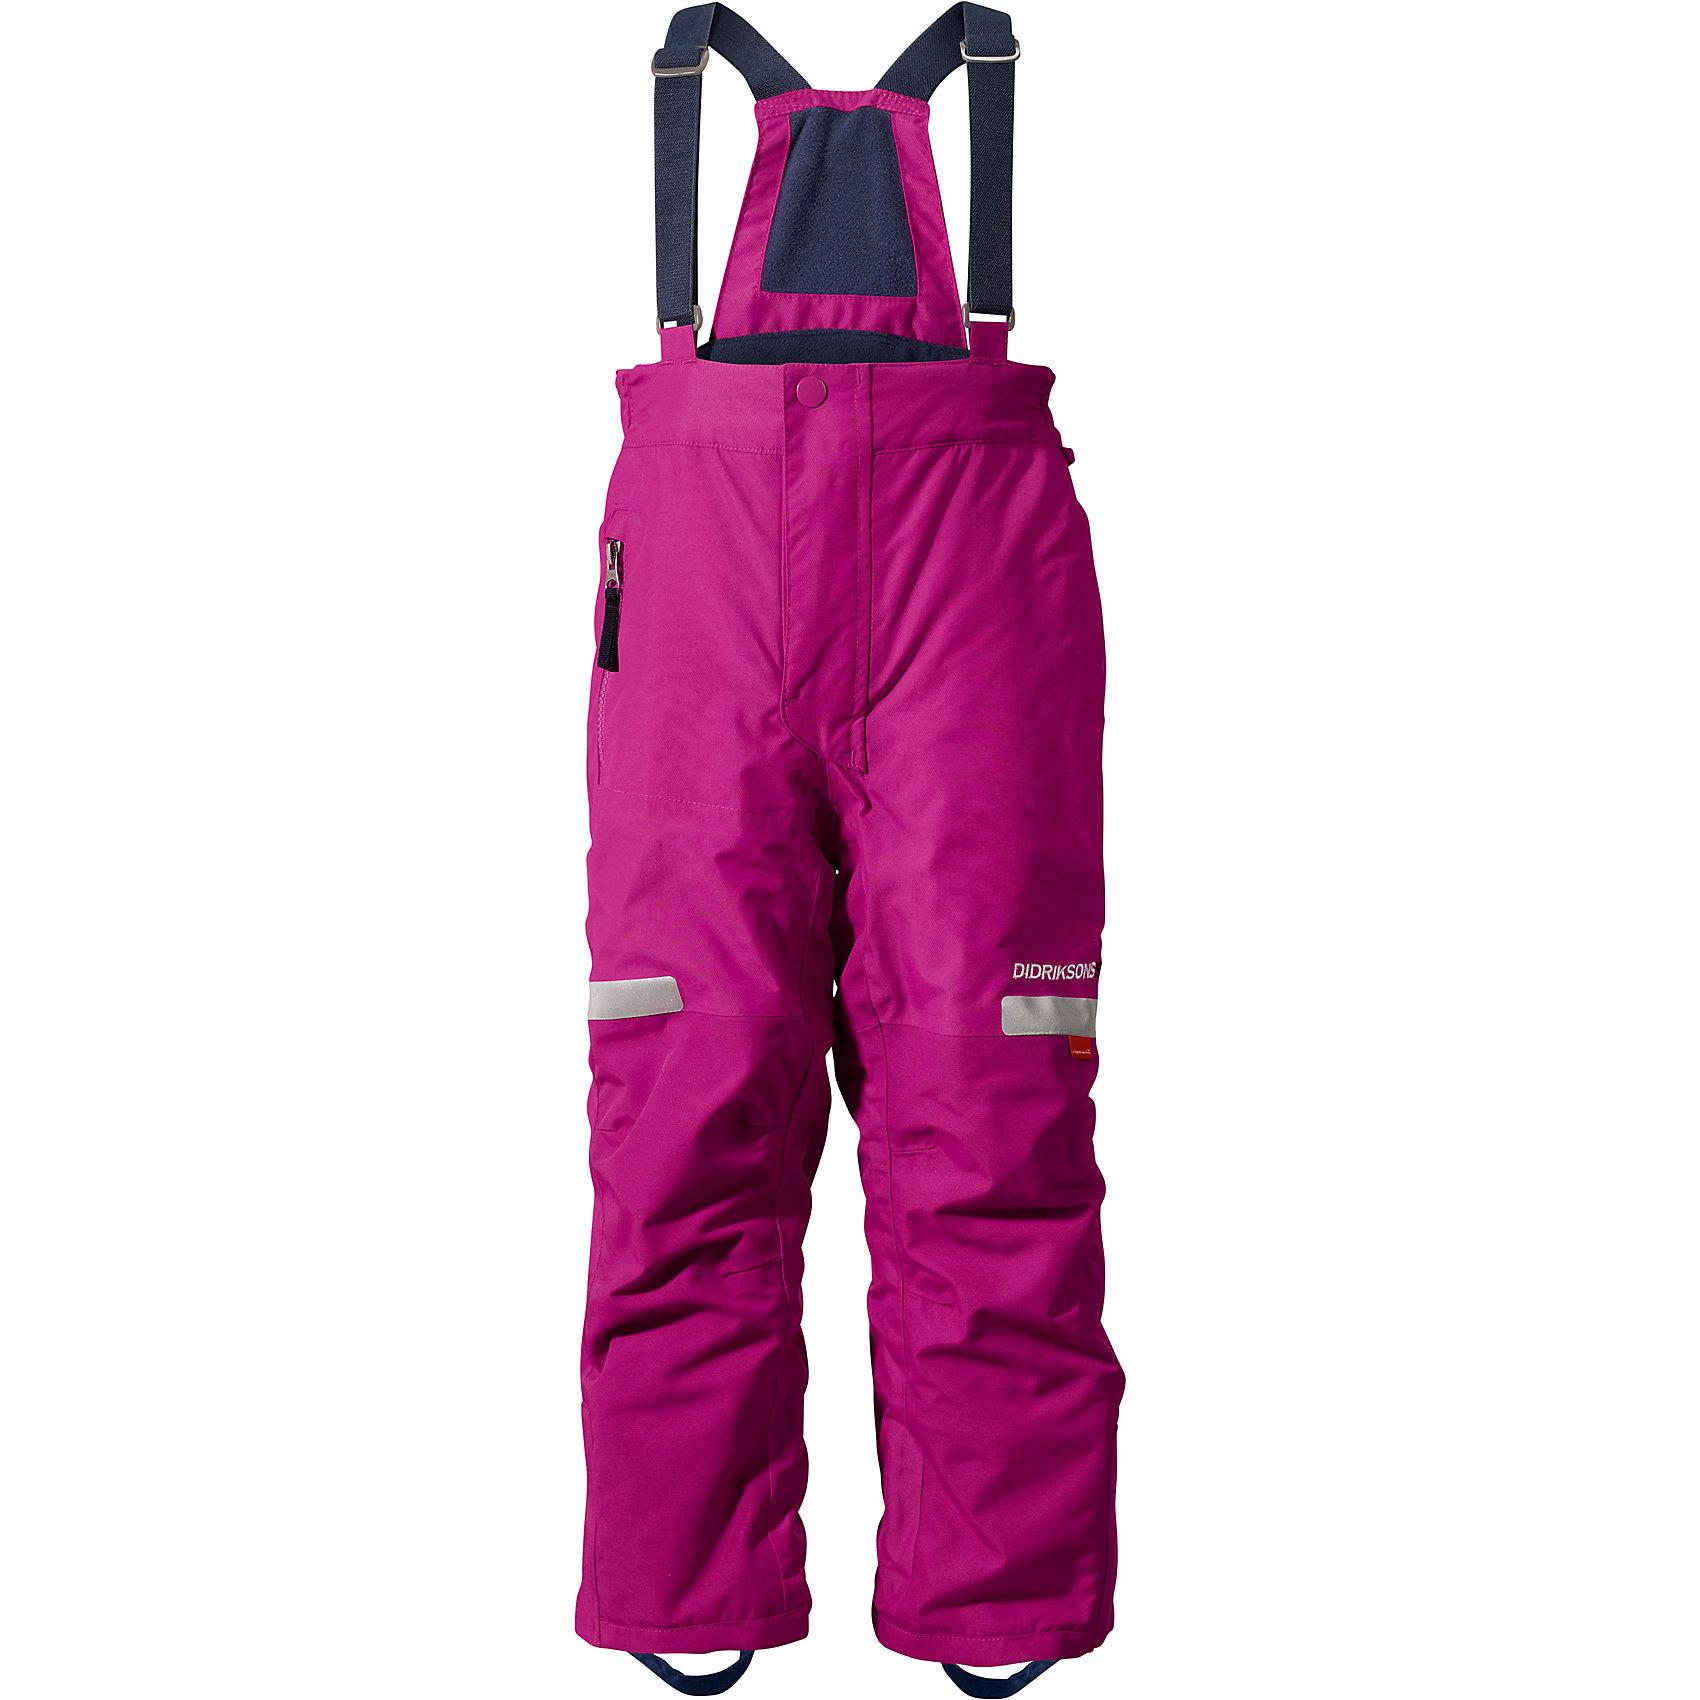 Брюки Amitola для девочки DIDRIKSONSВерхняя одежда<br>Характеристики товара:<br><br>• цвет: фиолетовый<br>• материал: 100% полиамид, подкладка 100% полиэстер<br>• утеплитель: 120 г/м<br>• сезон: зима<br>• температурный режим от +5 до -20С<br>• непромокаемая и непродуваемая мембранная ткань<br>• резинки для ботинок<br>• дополнительная пропитка верха<br>• прокленные швы<br>• талия и низ штанин регулируется<br>• внутренние гетры<br>• ширинка на молнии<br>• фиксированные лямки<br>• светоотражающие детали<br>• можно увеличить длину штанин на один размер <br>• страна бренда: Швеция<br>• страна производства: Китай<br><br>Такие брюки незаменимы в холодную и сырую погоду! Это не только стильно, но еще и очень комфортно, а также тепло. Они обеспечат ребенку удобство при прогулках и активном отдыхе зимой. Брюки от шведского производителя легко трансформируются под рост ребенка и погодные условия.<br>Модель сшита из мембранной ткани, которая позволяет телу дышать, но при этом не промокает и не продувается. Очень стильная и удобная модель! Изделие качественно выполнено, сделано из безопасных для детей материалов. <br><br>Брюки для девочки от бренда DIDRIKSONS можно купить в нашем интернет-магазине.<br><br>Ширина мм: 215<br>Глубина мм: 88<br>Высота мм: 191<br>Вес г: 336<br>Цвет: фиолетовый<br>Возраст от месяцев: 12<br>Возраст до месяцев: 15<br>Пол: Женский<br>Возраст: Детский<br>Размер: 80,100<br>SKU: 5003874